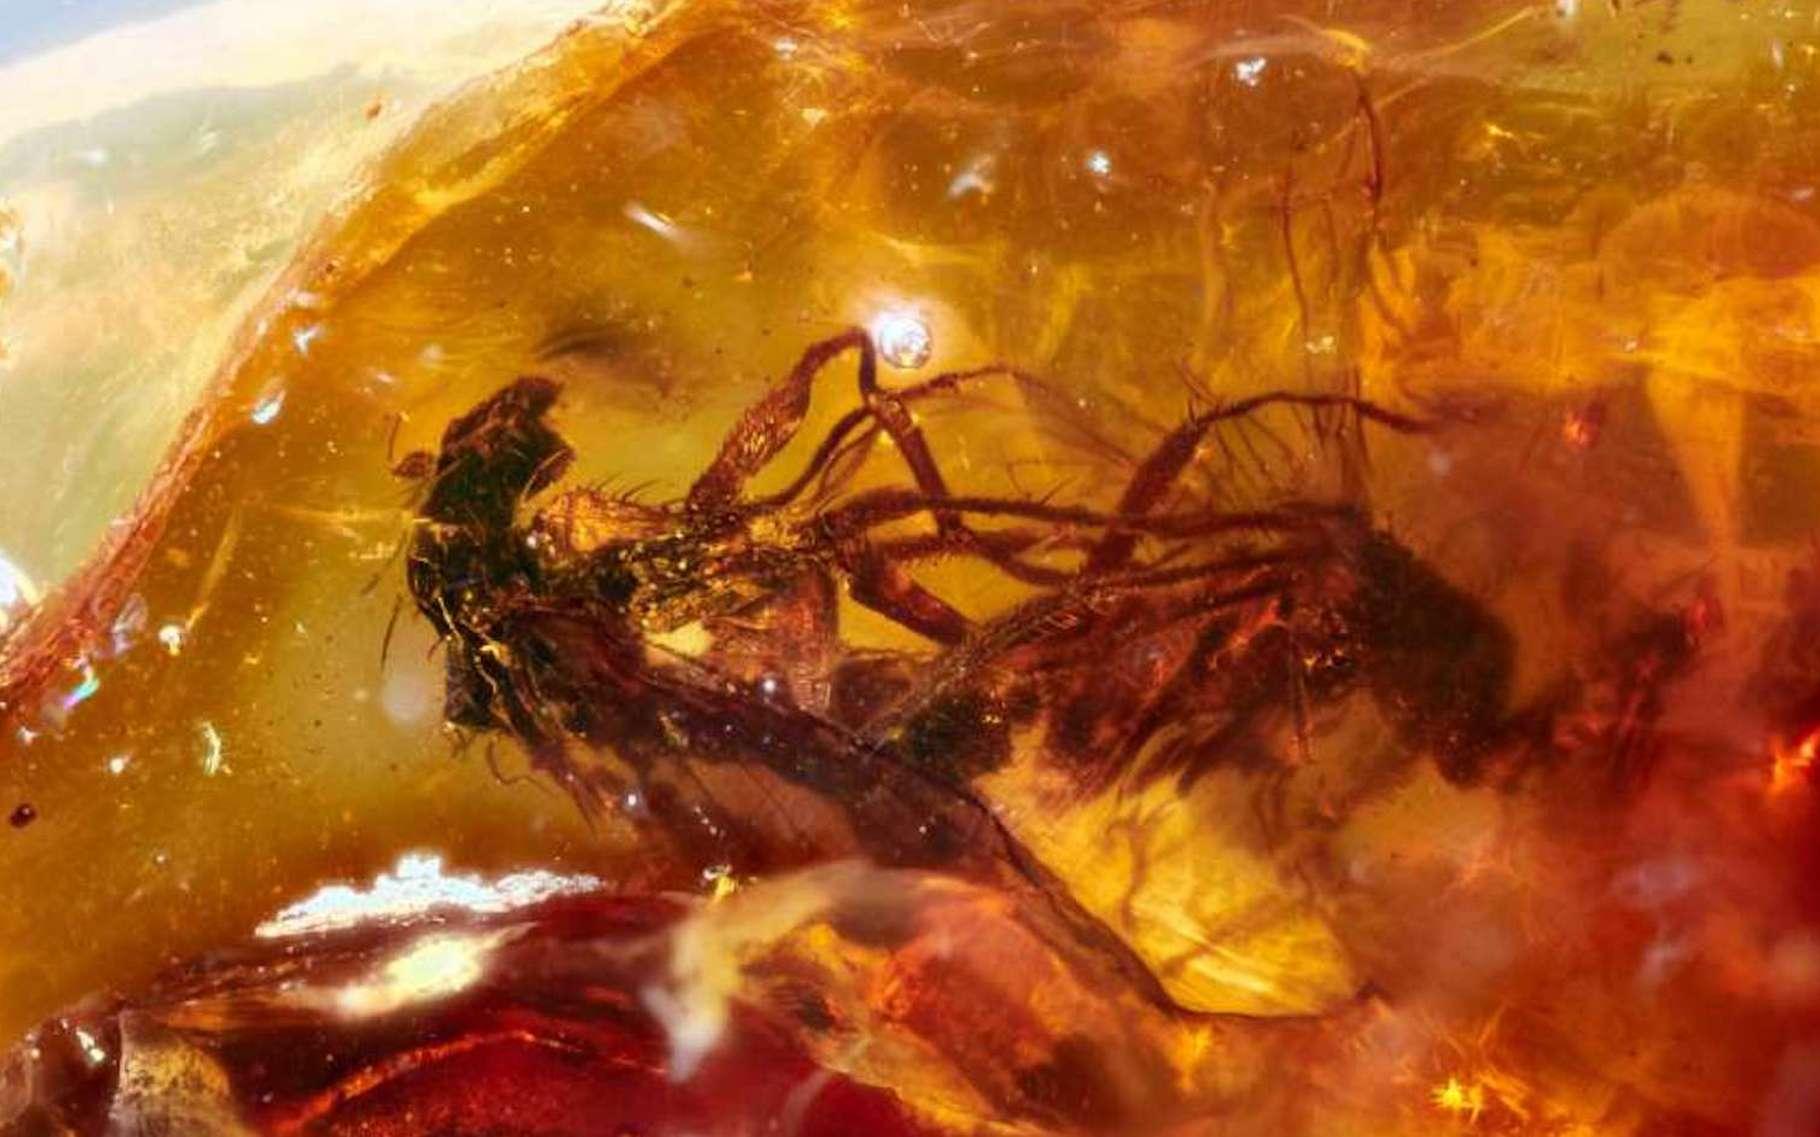 Ces mouches fossilisées en plein accouplement constituent un exemple plutôt rare de « comportement gelé » dans de l'ambre. Possiblement le tout premier trouvé en Australie. © Jeffrey Stilwell, Université Monash